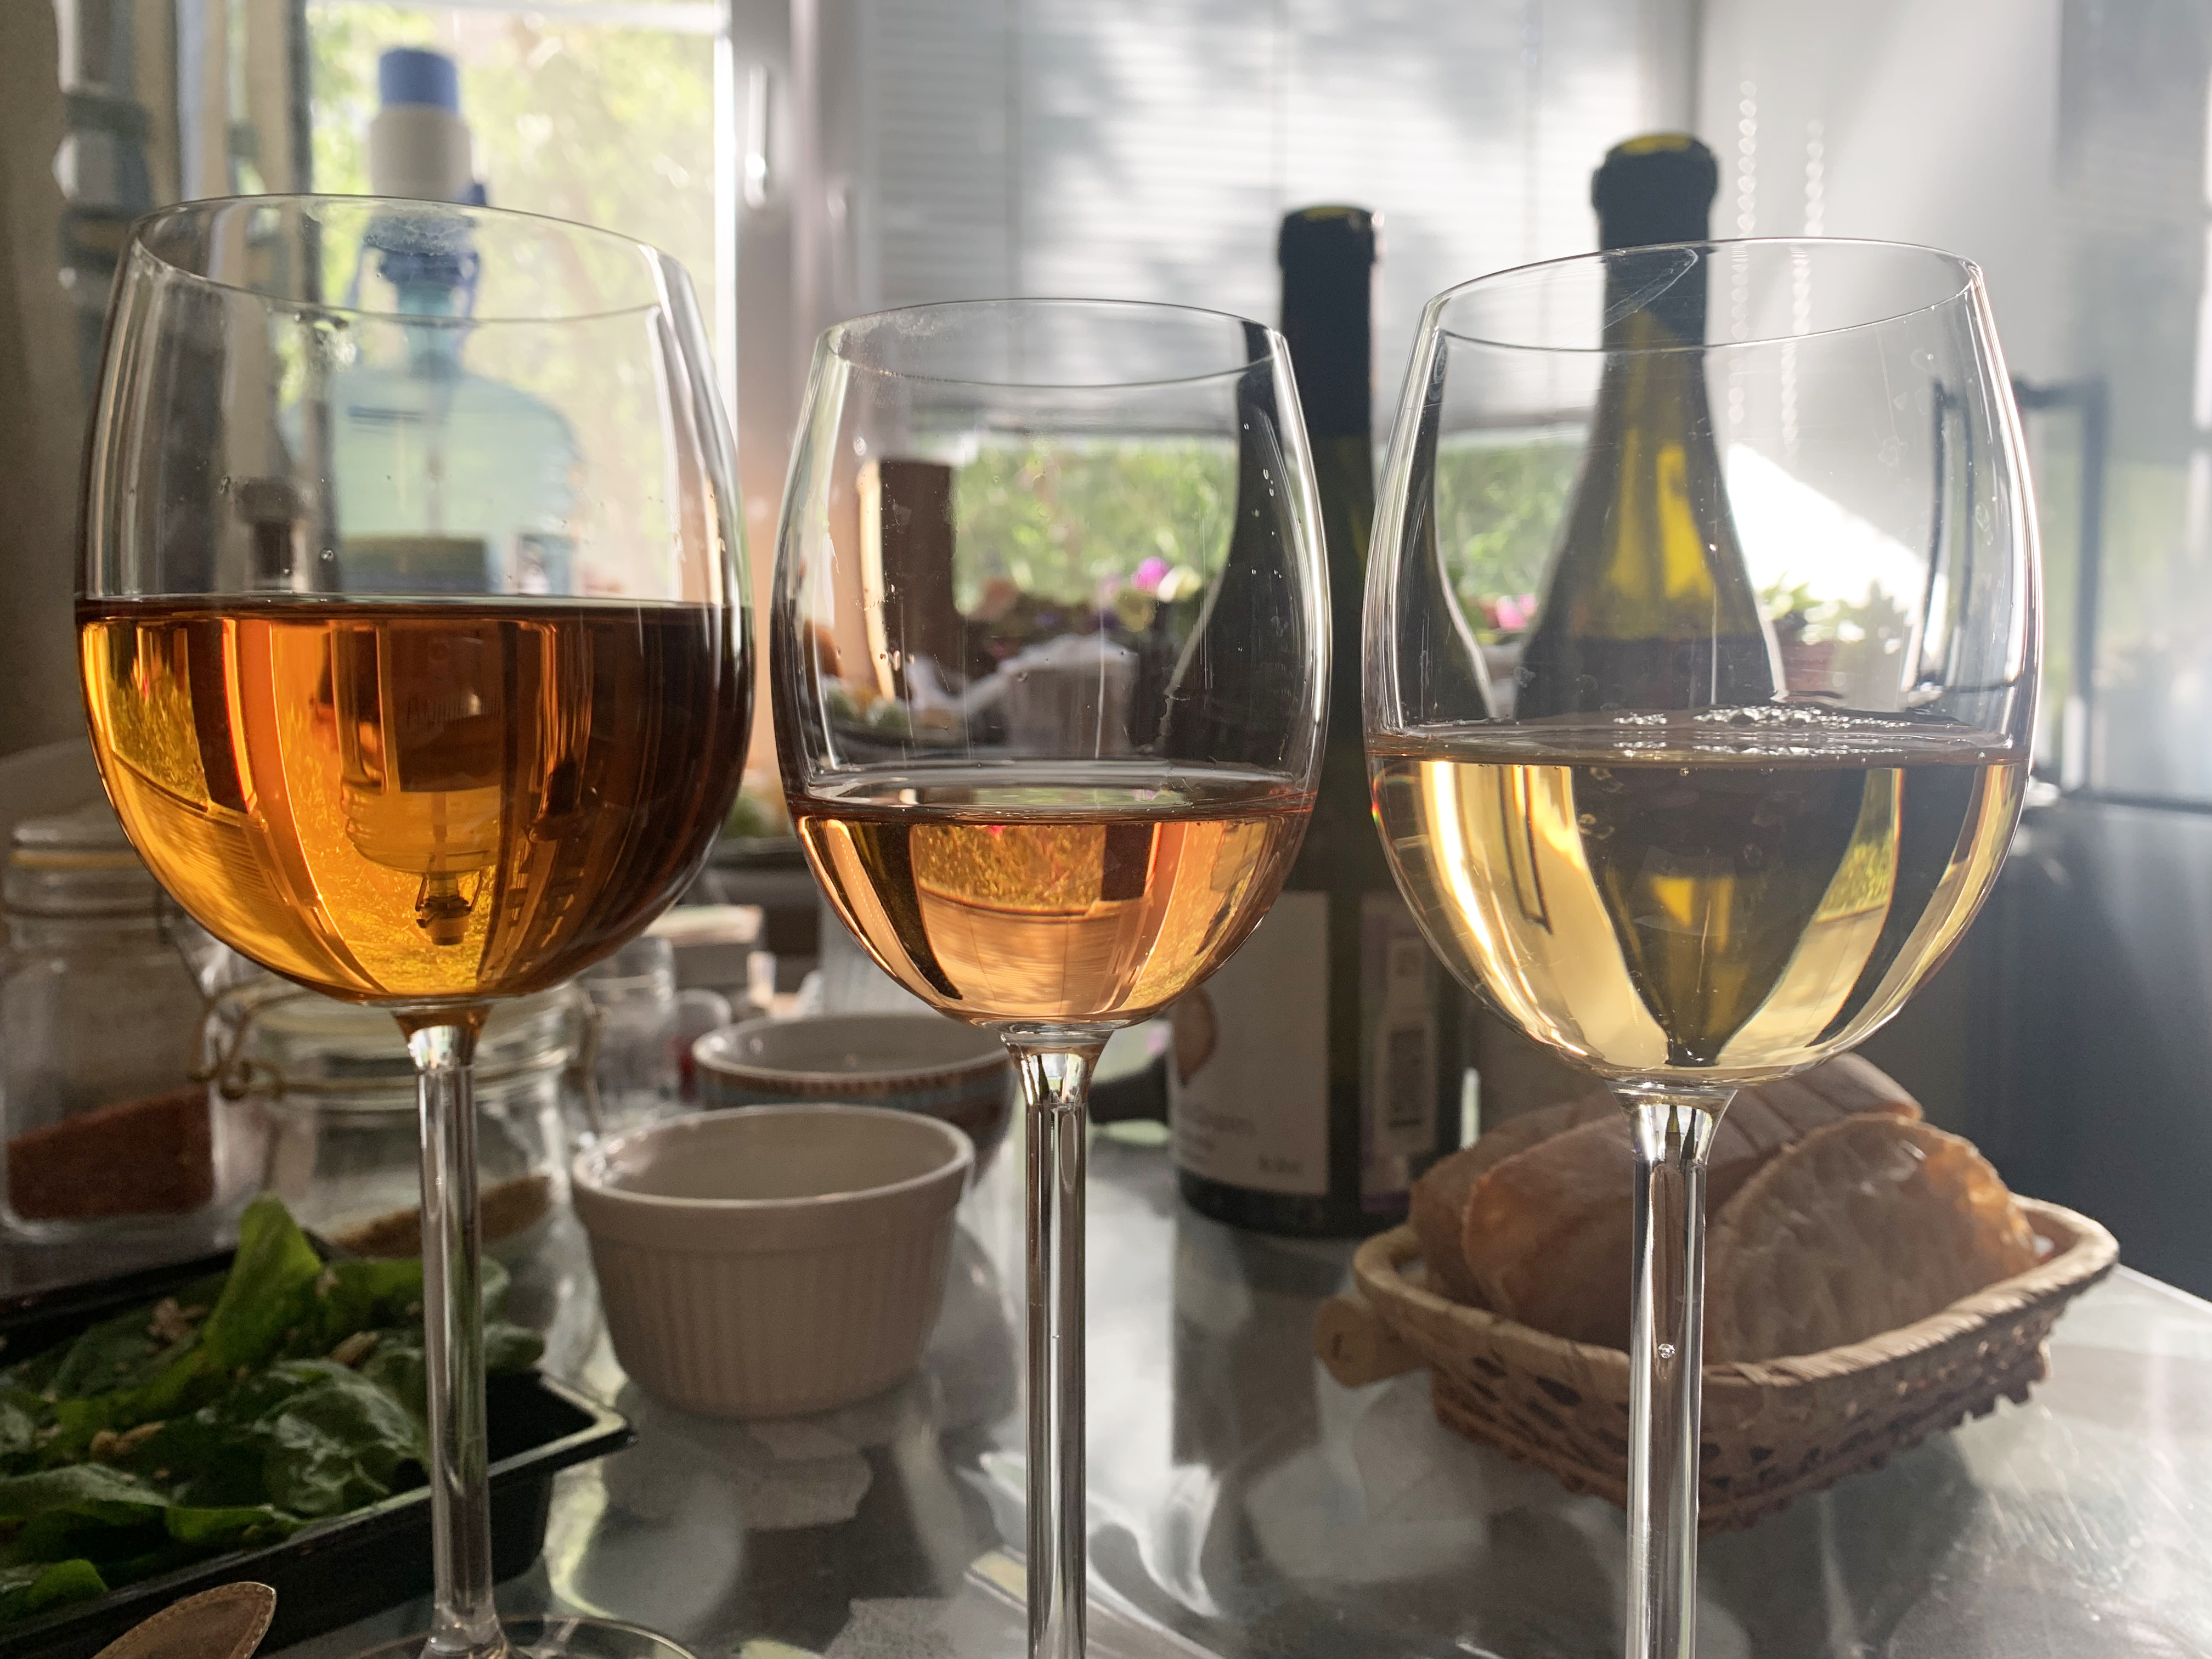 грузинское белое вино квеври qvevri rkatsiteli ркацители пейзажи природы Альберт Сафиуллин